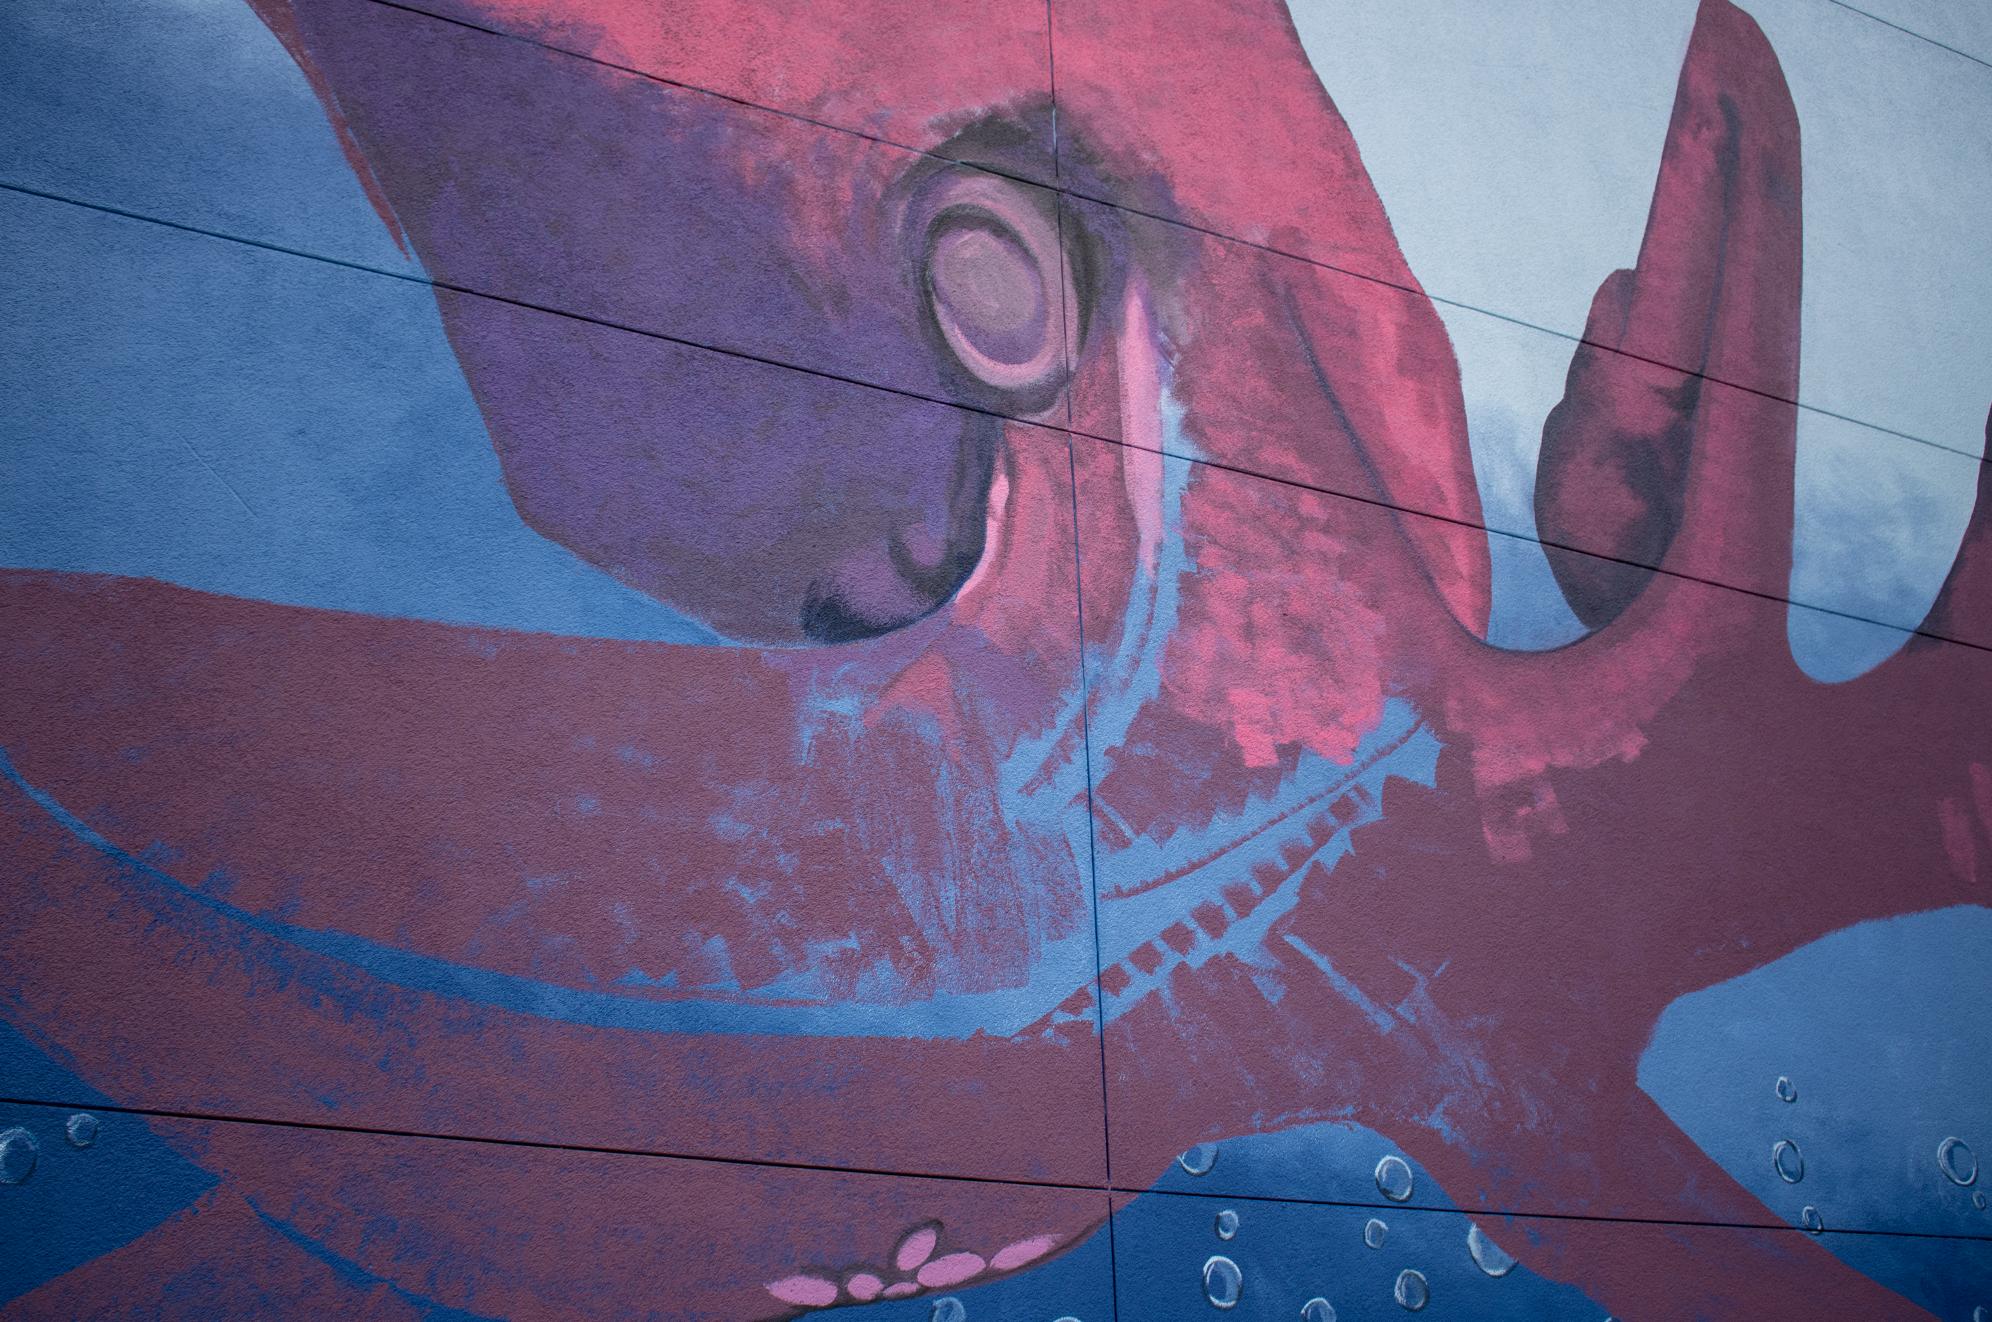 Zephyr Walk Mural at Hotel Zephyr